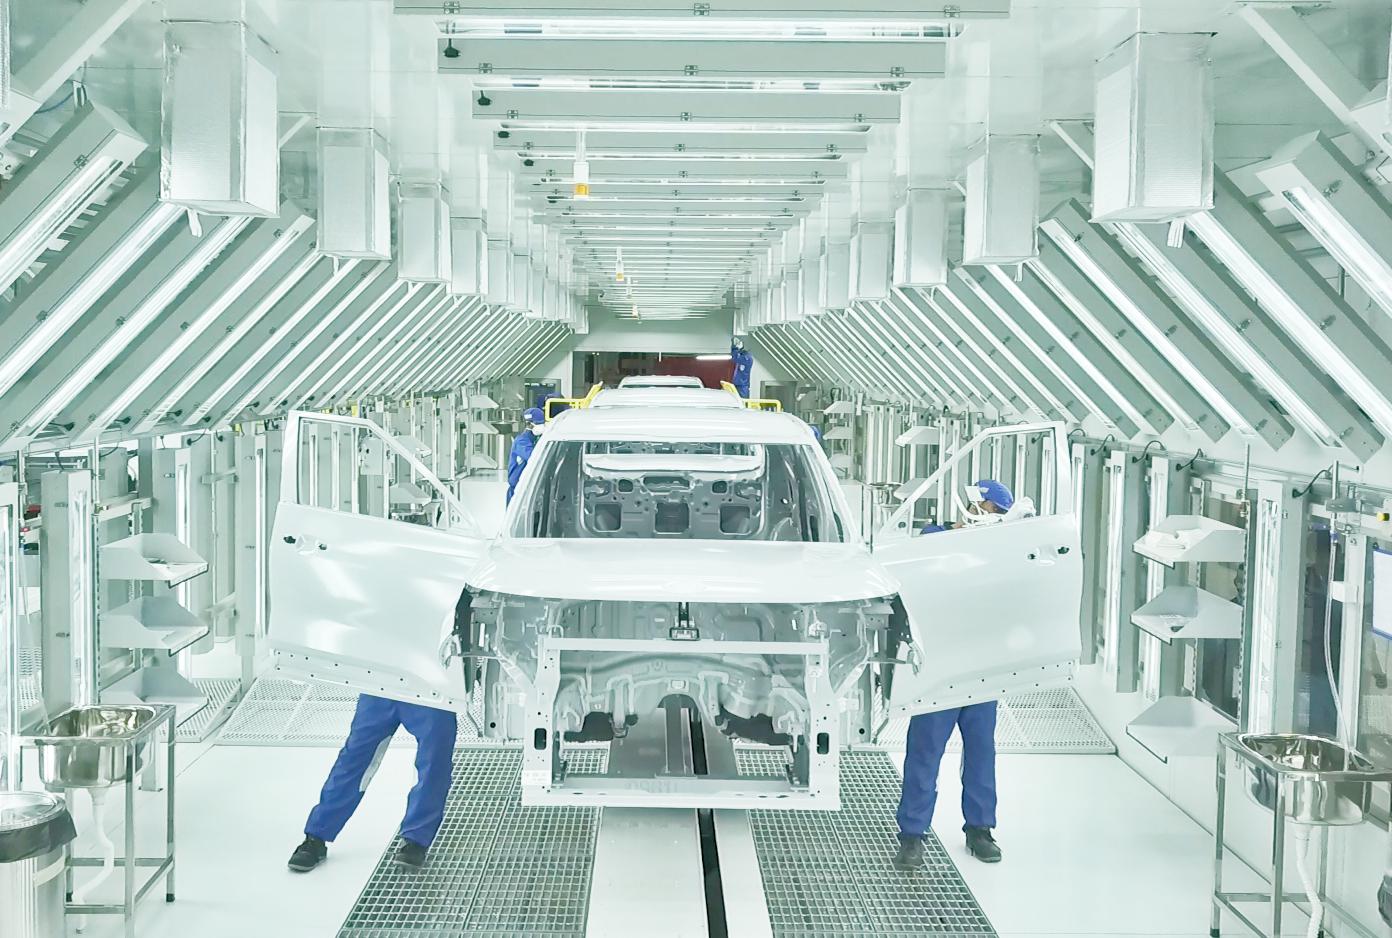 KIA estrena nueva fábrica en India